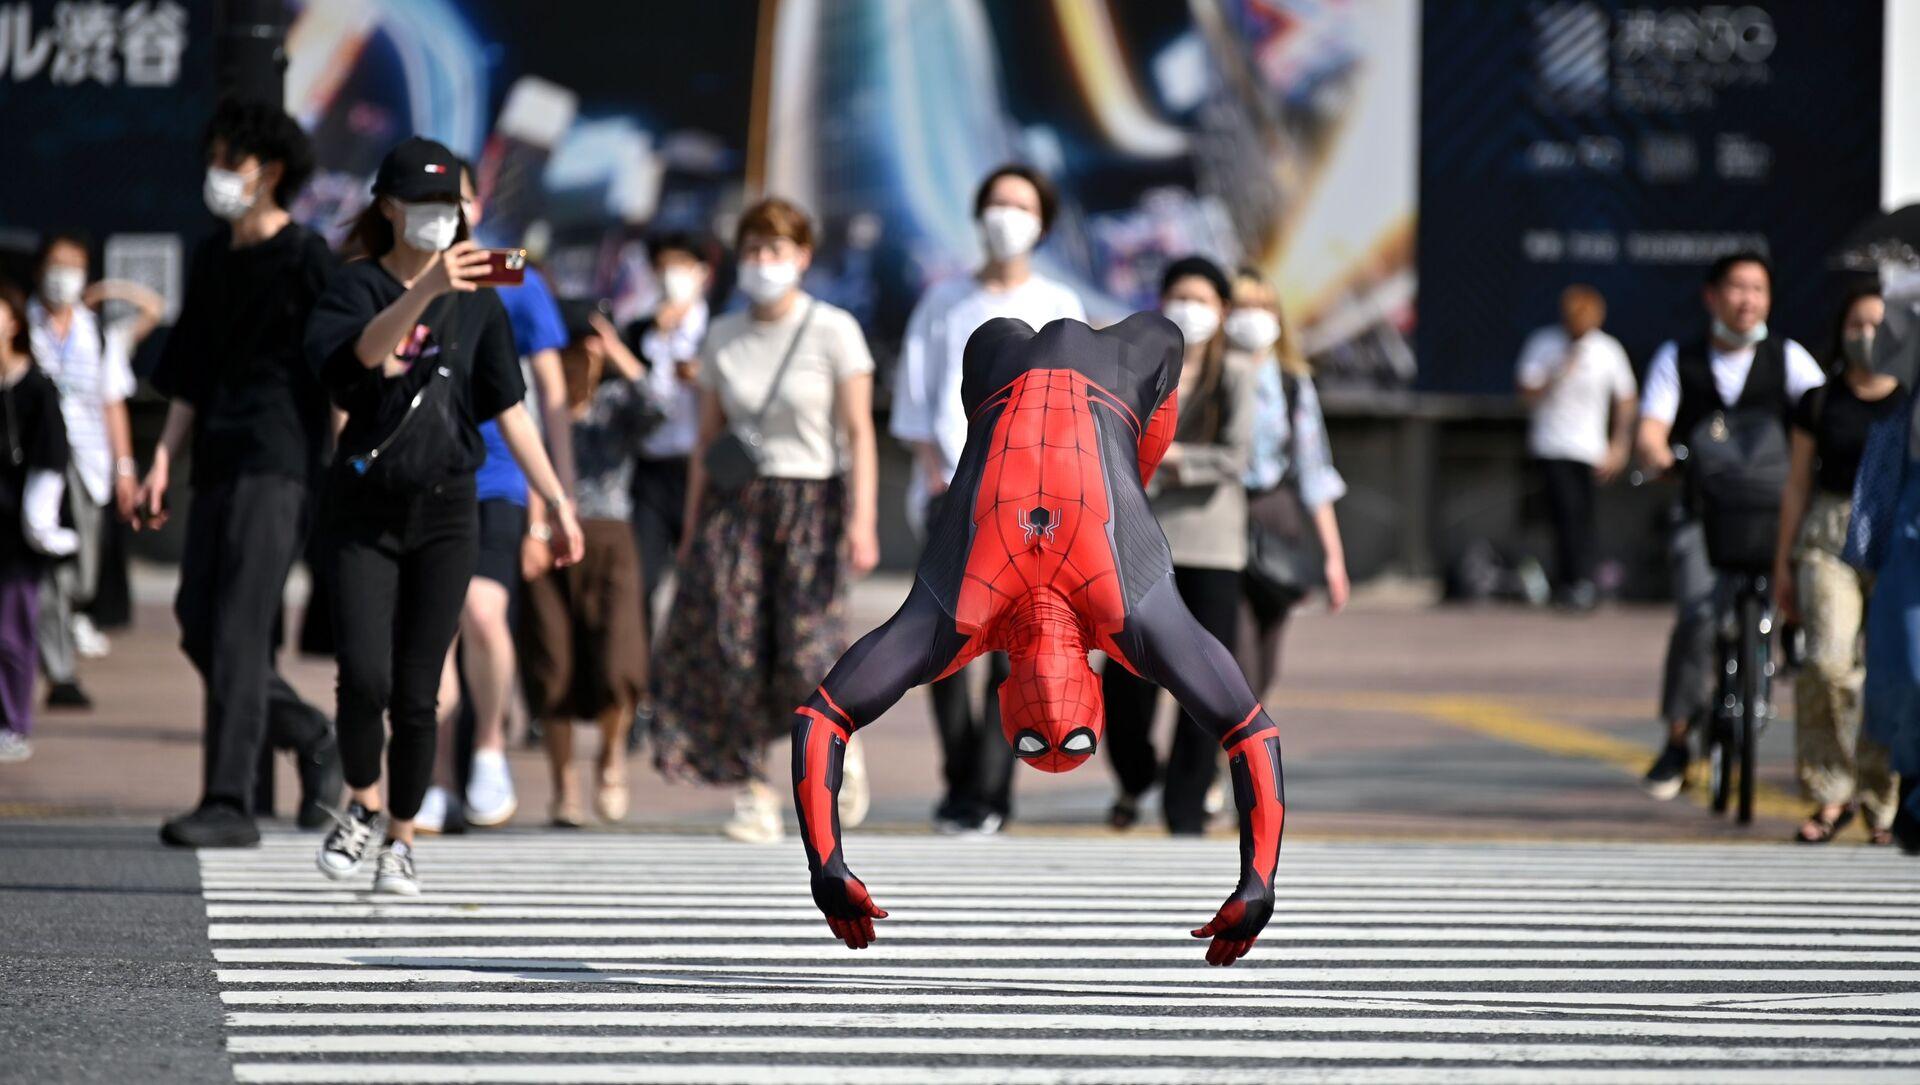 Человек в костюме Человека-паука прыгает на улице Токио - Sputnik Azərbaycan, 1920, 27.08.2021